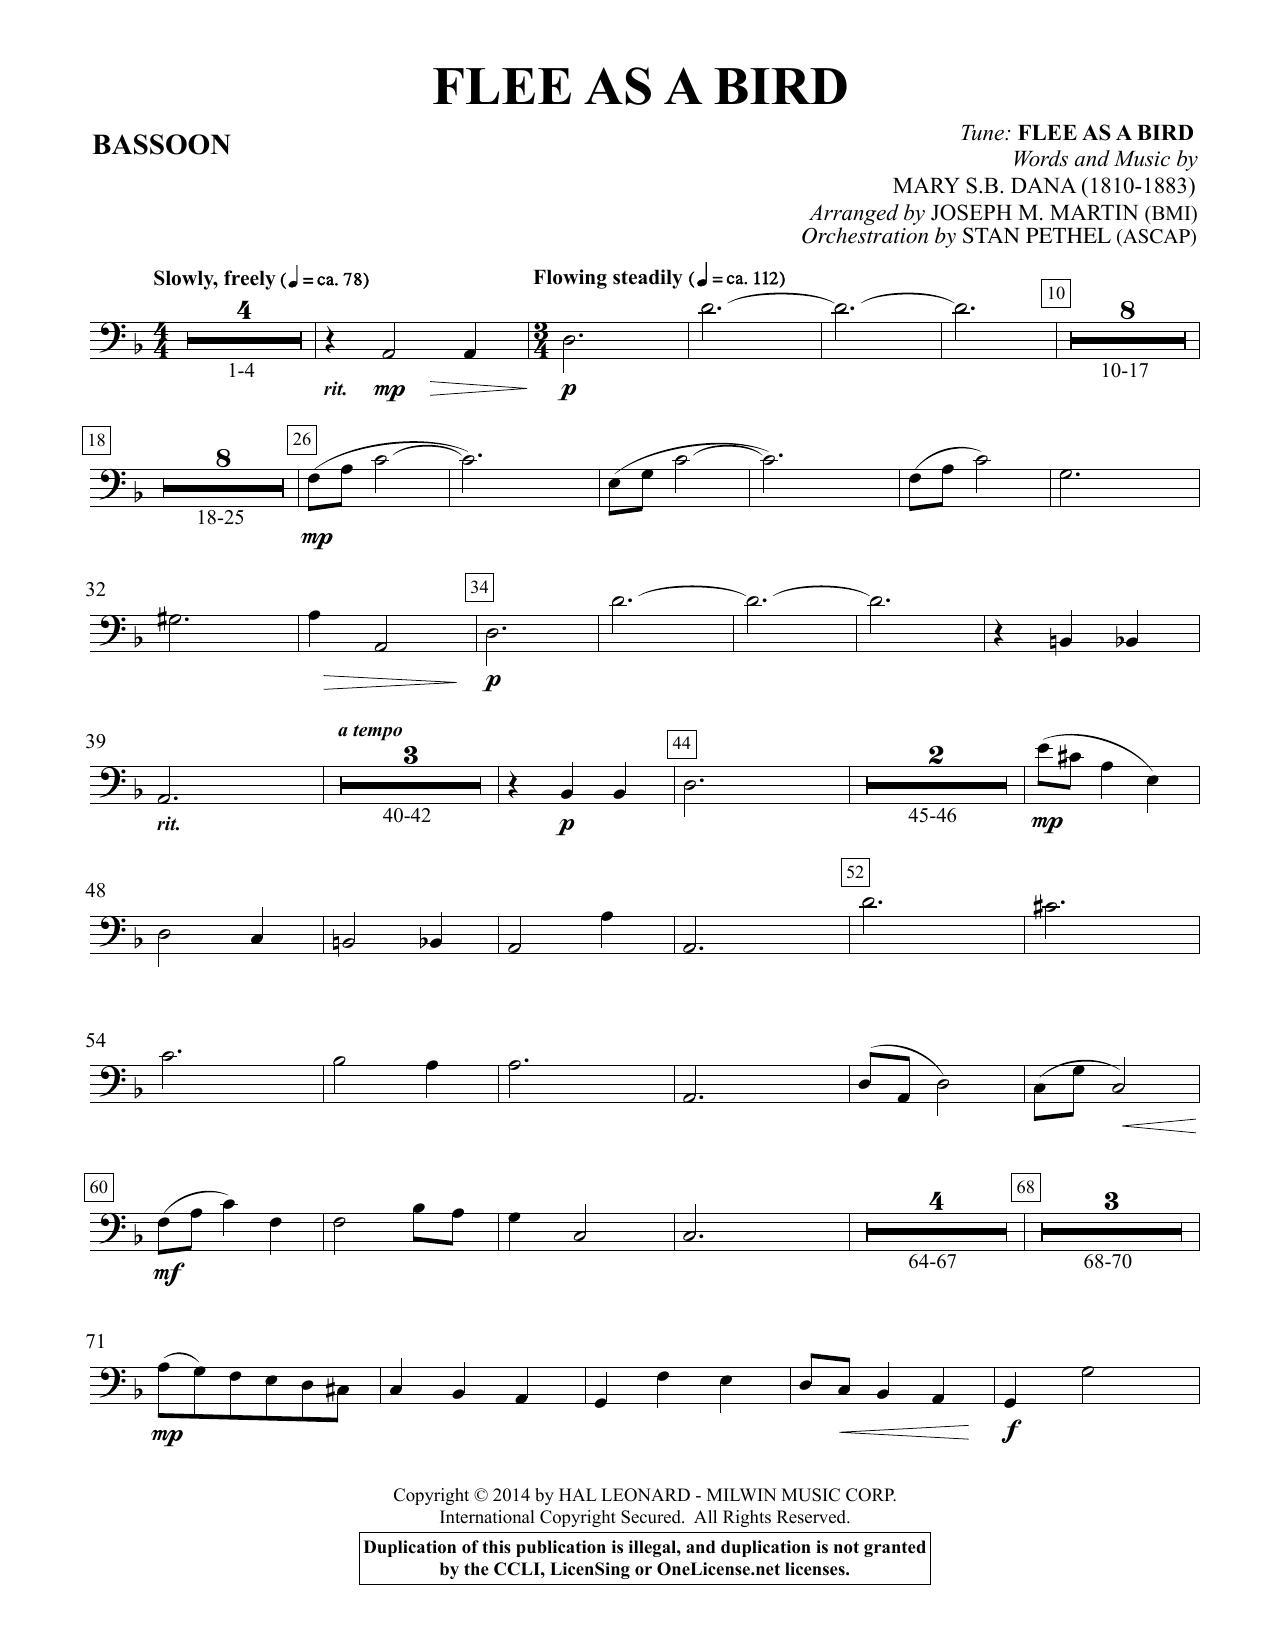 Flee As a Bird - Bassoon Sheet Music